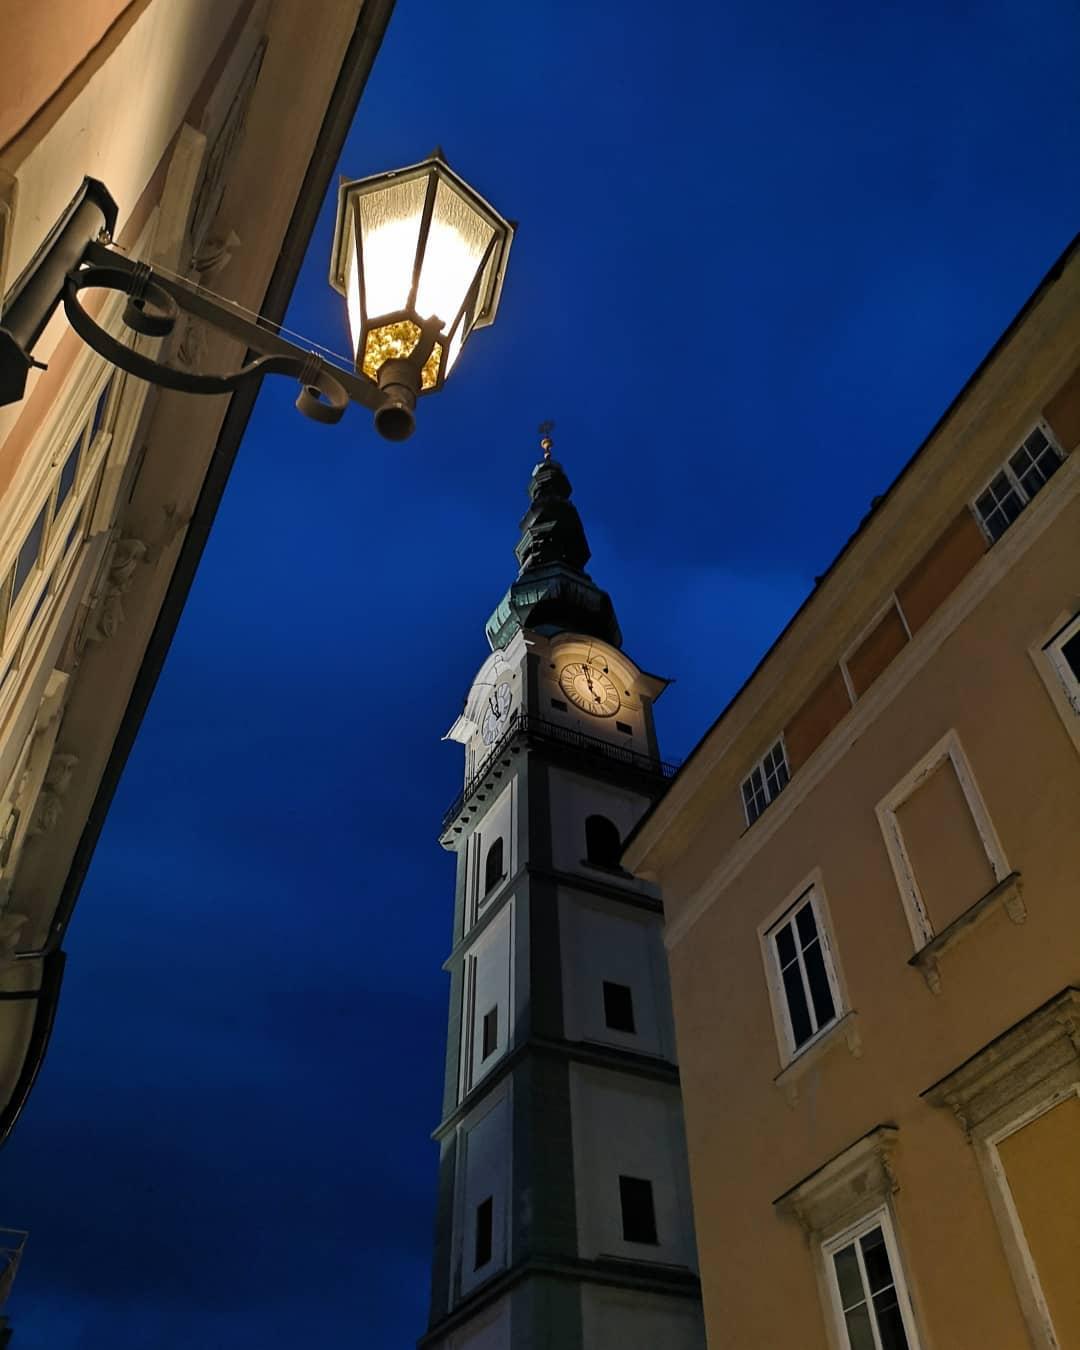 Parish square in Klagenfurt